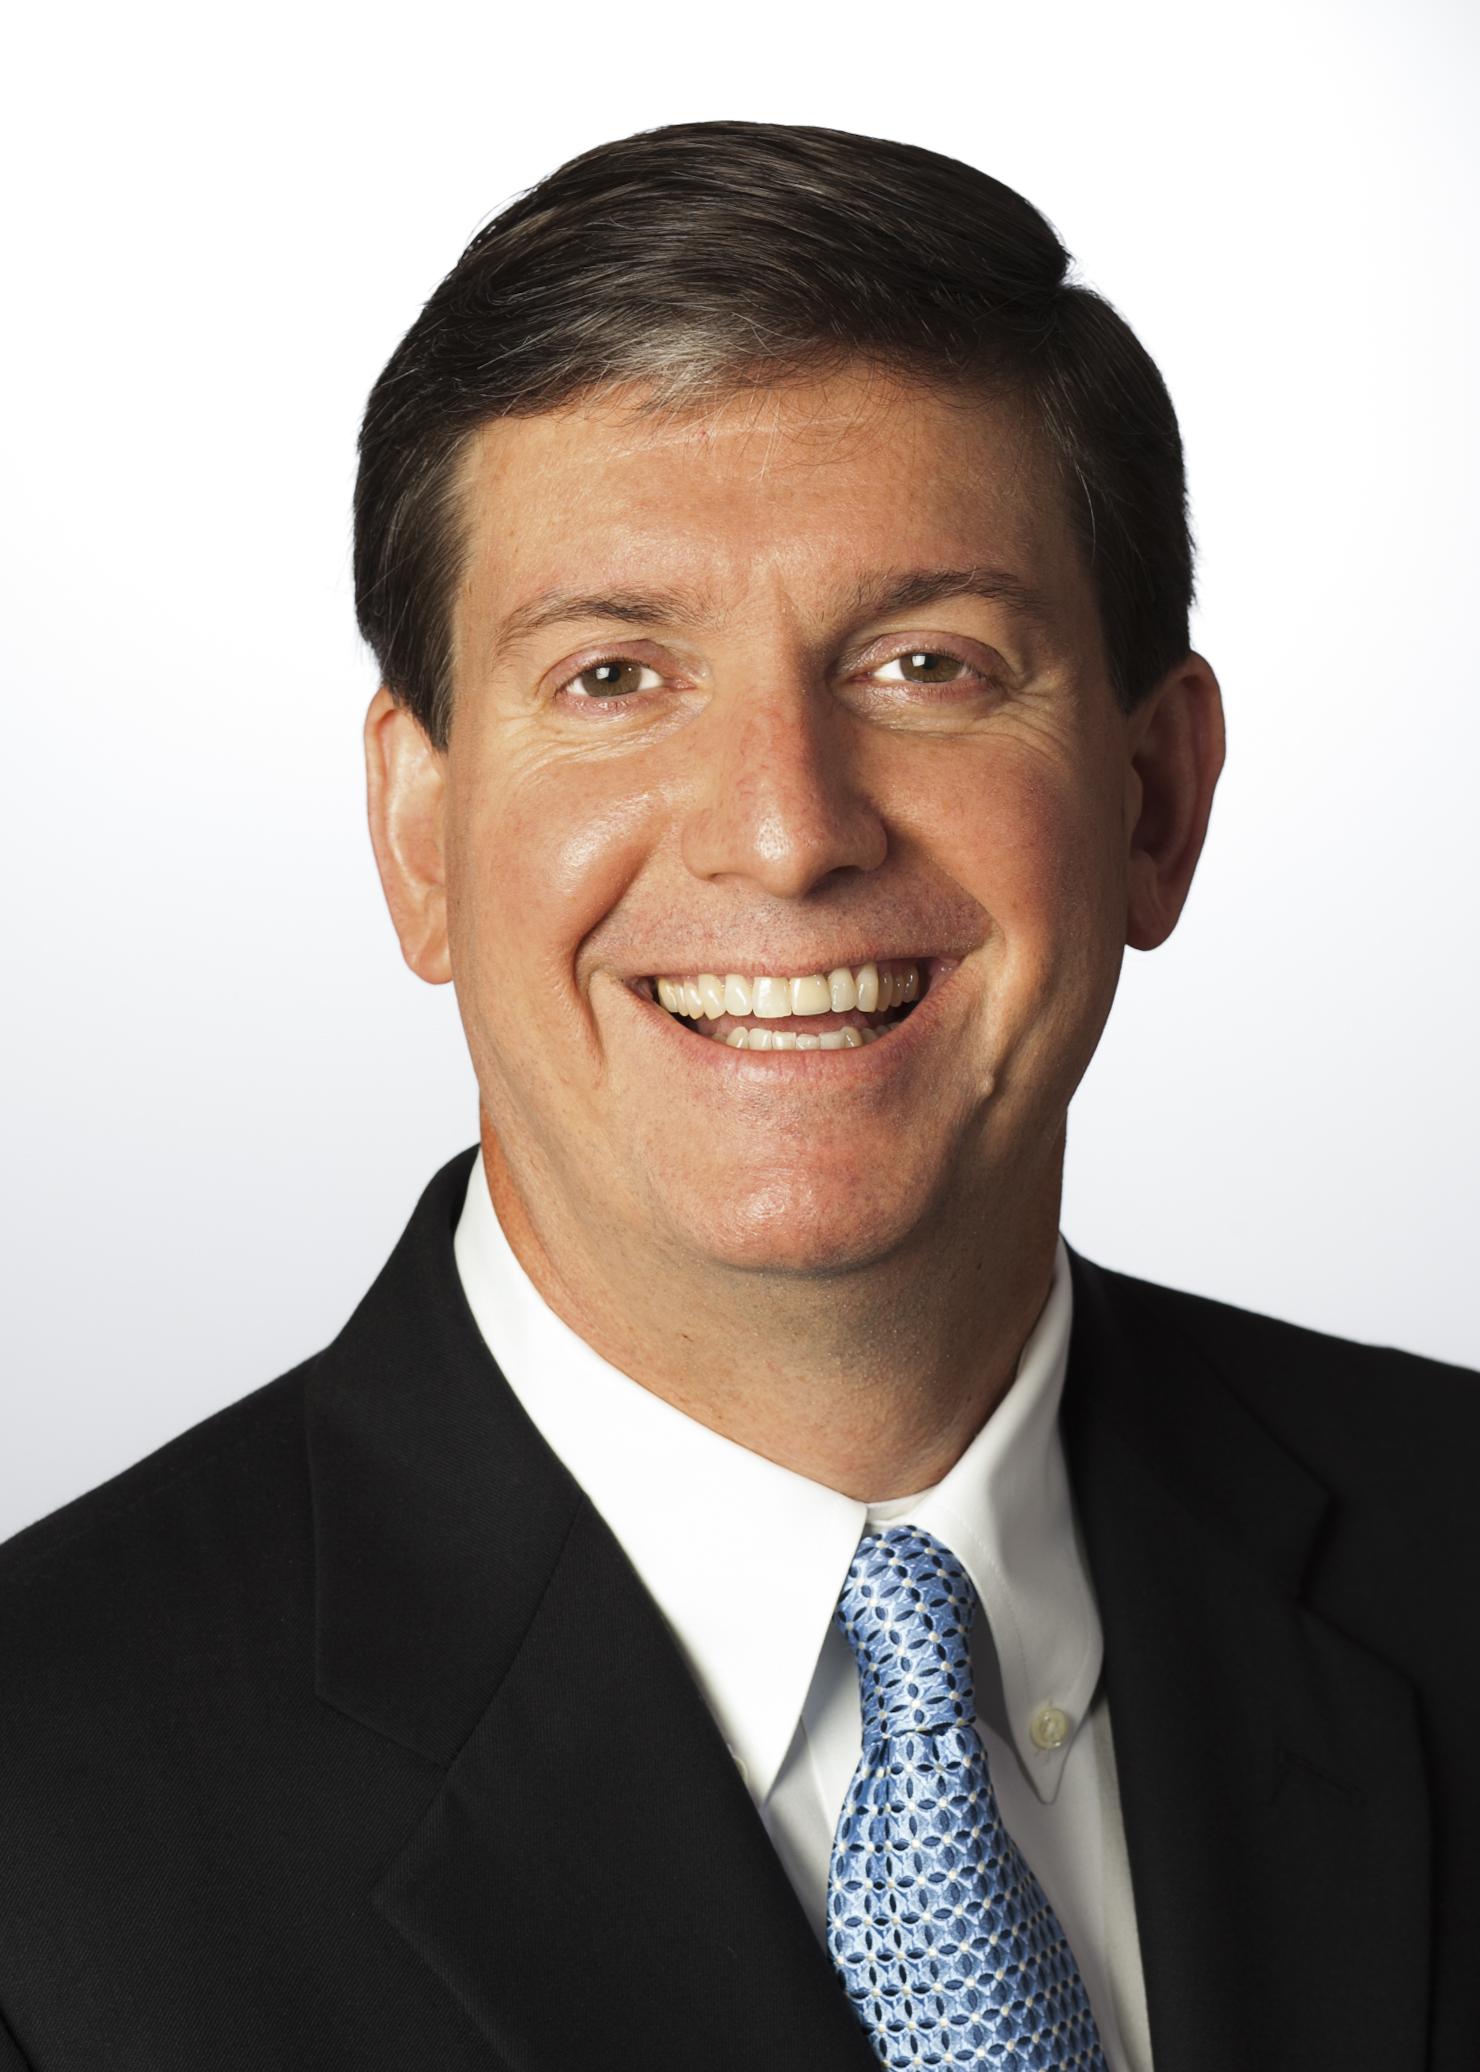 Jim David, financial advisor Fairfax VA